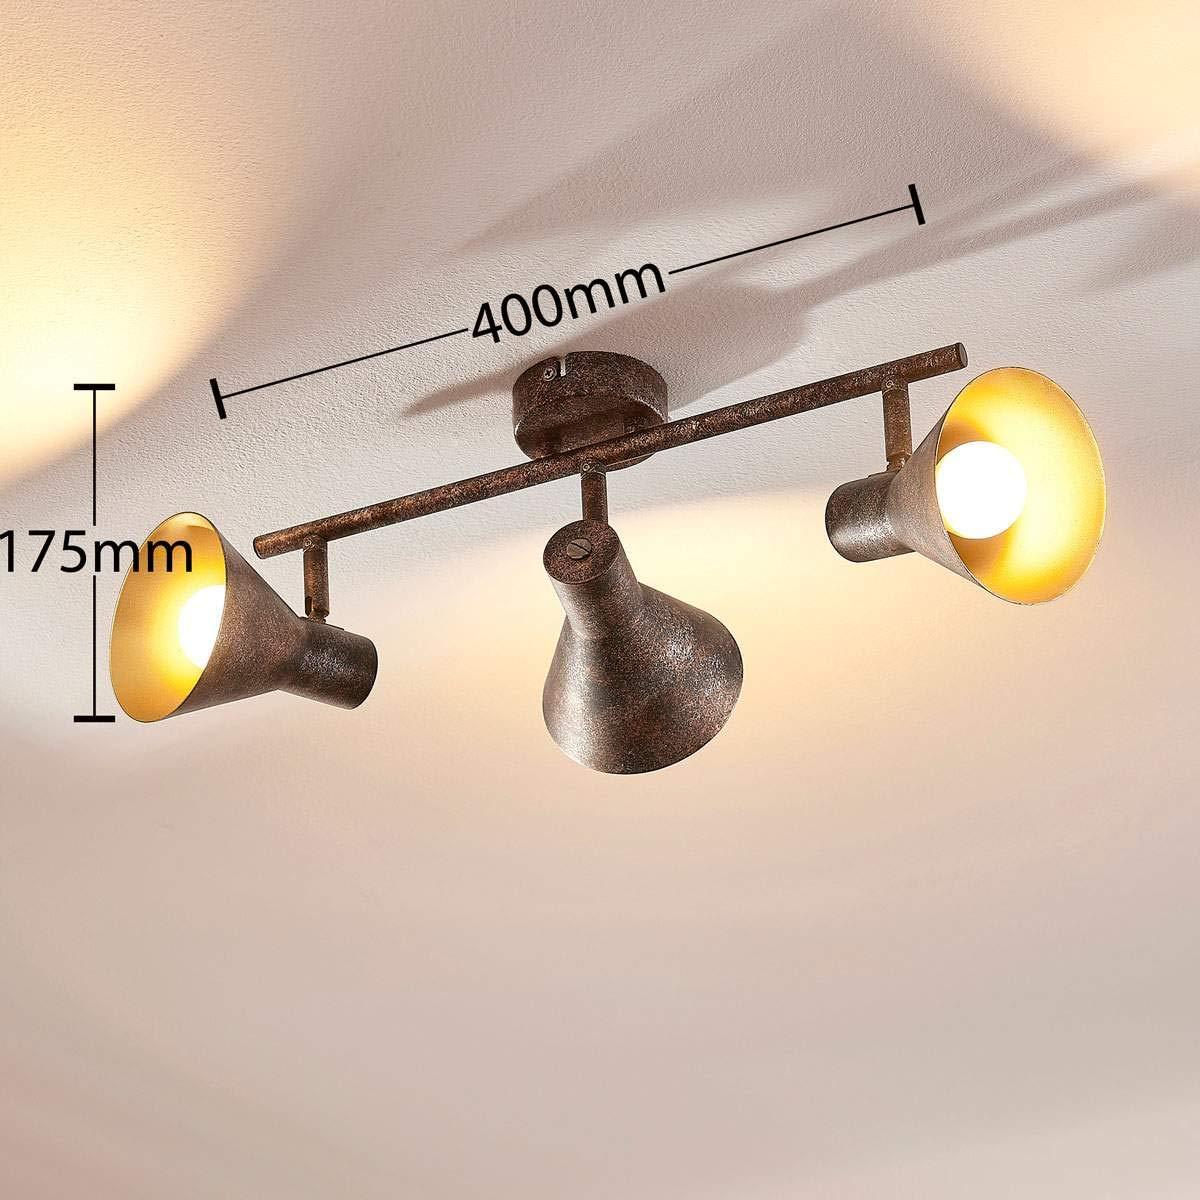 f/ür Wohnzimmer /& Esszimmer Deckenlampe 3 flammig, E14, A+, inkl. Leuchtmittel Lampenwelt LED Deckenleuchte Zera dimmbar LED-Deckenlampe - Lampe Retro, Vintage, Antik in Braun aus Metall u.a